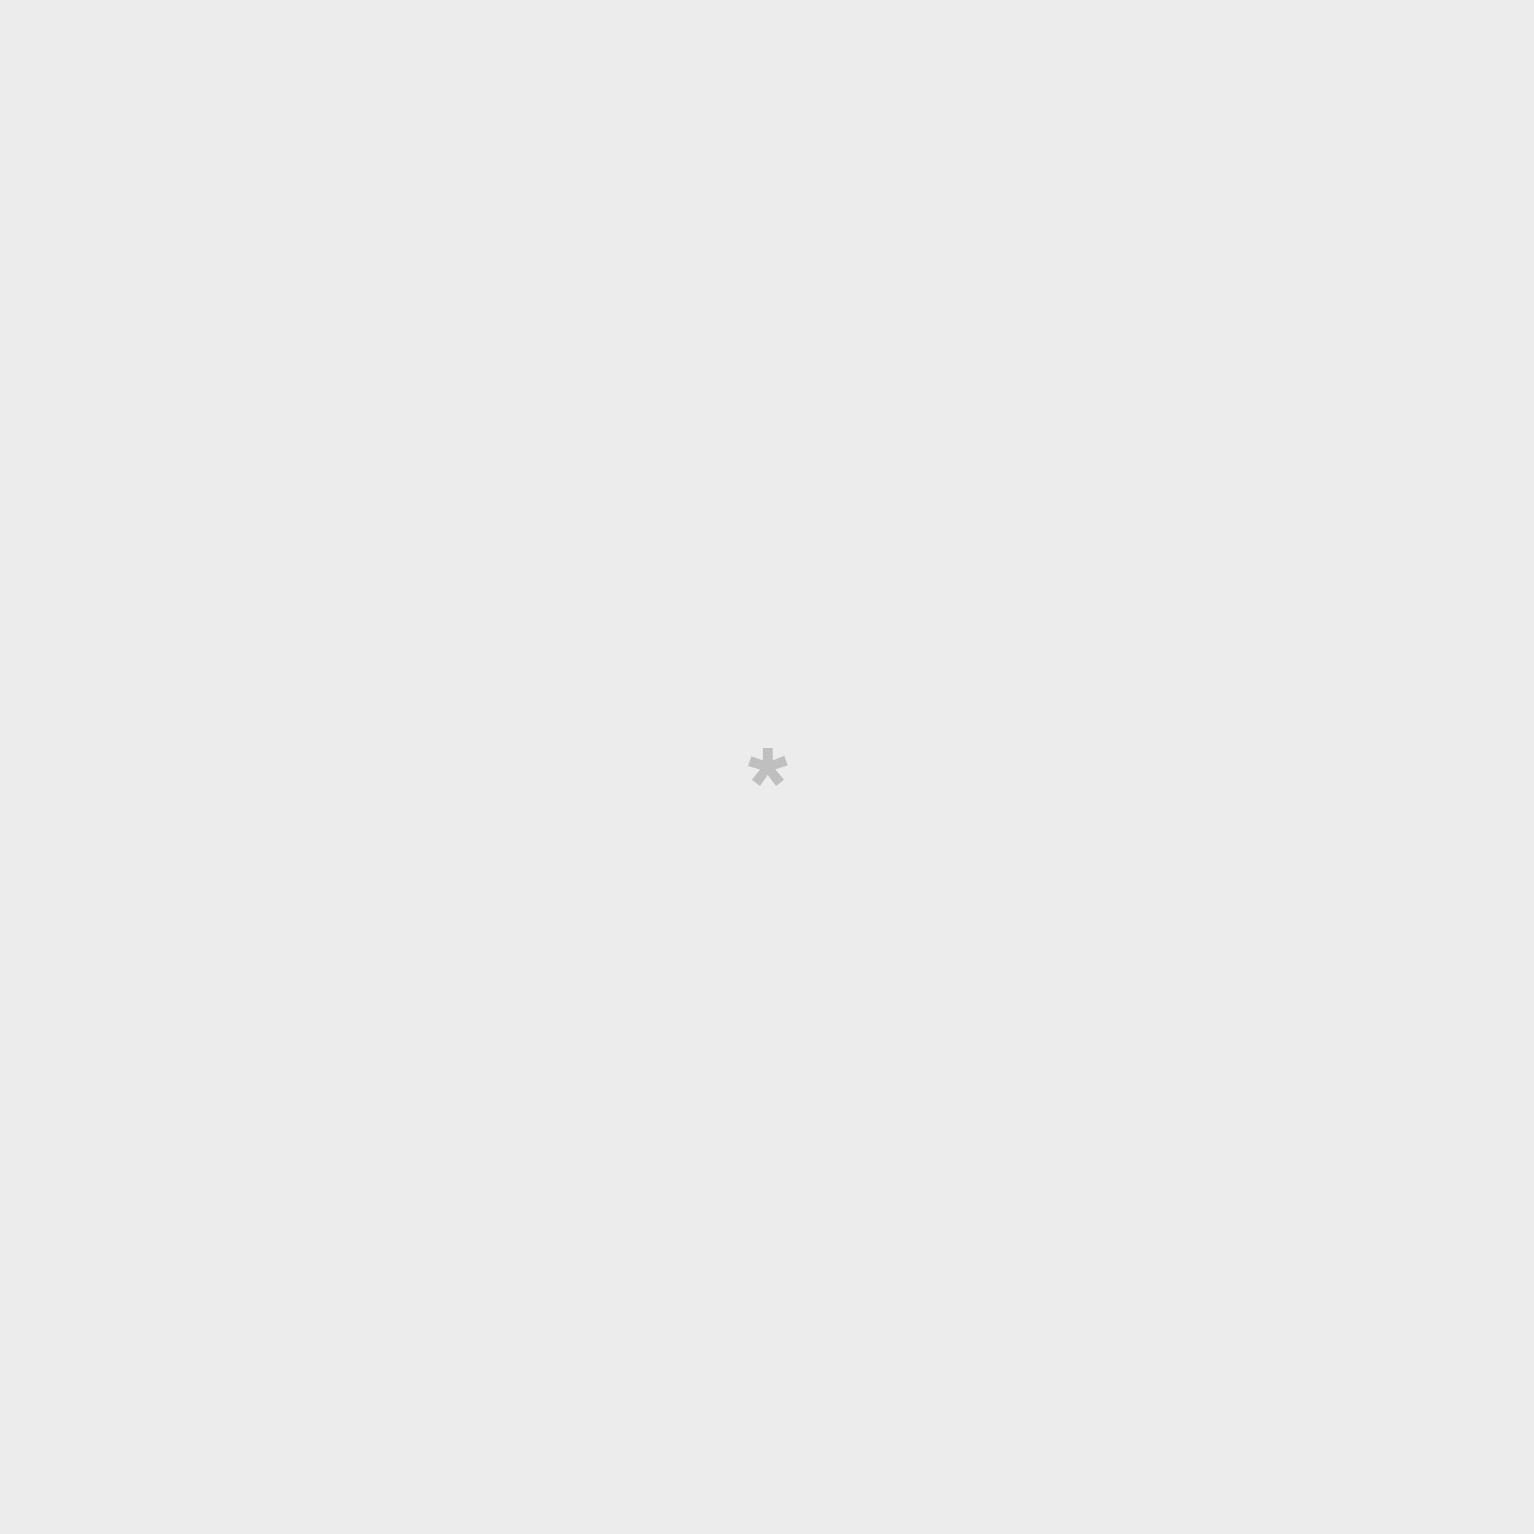 Copa de vino - Este novio merece una copa de vino